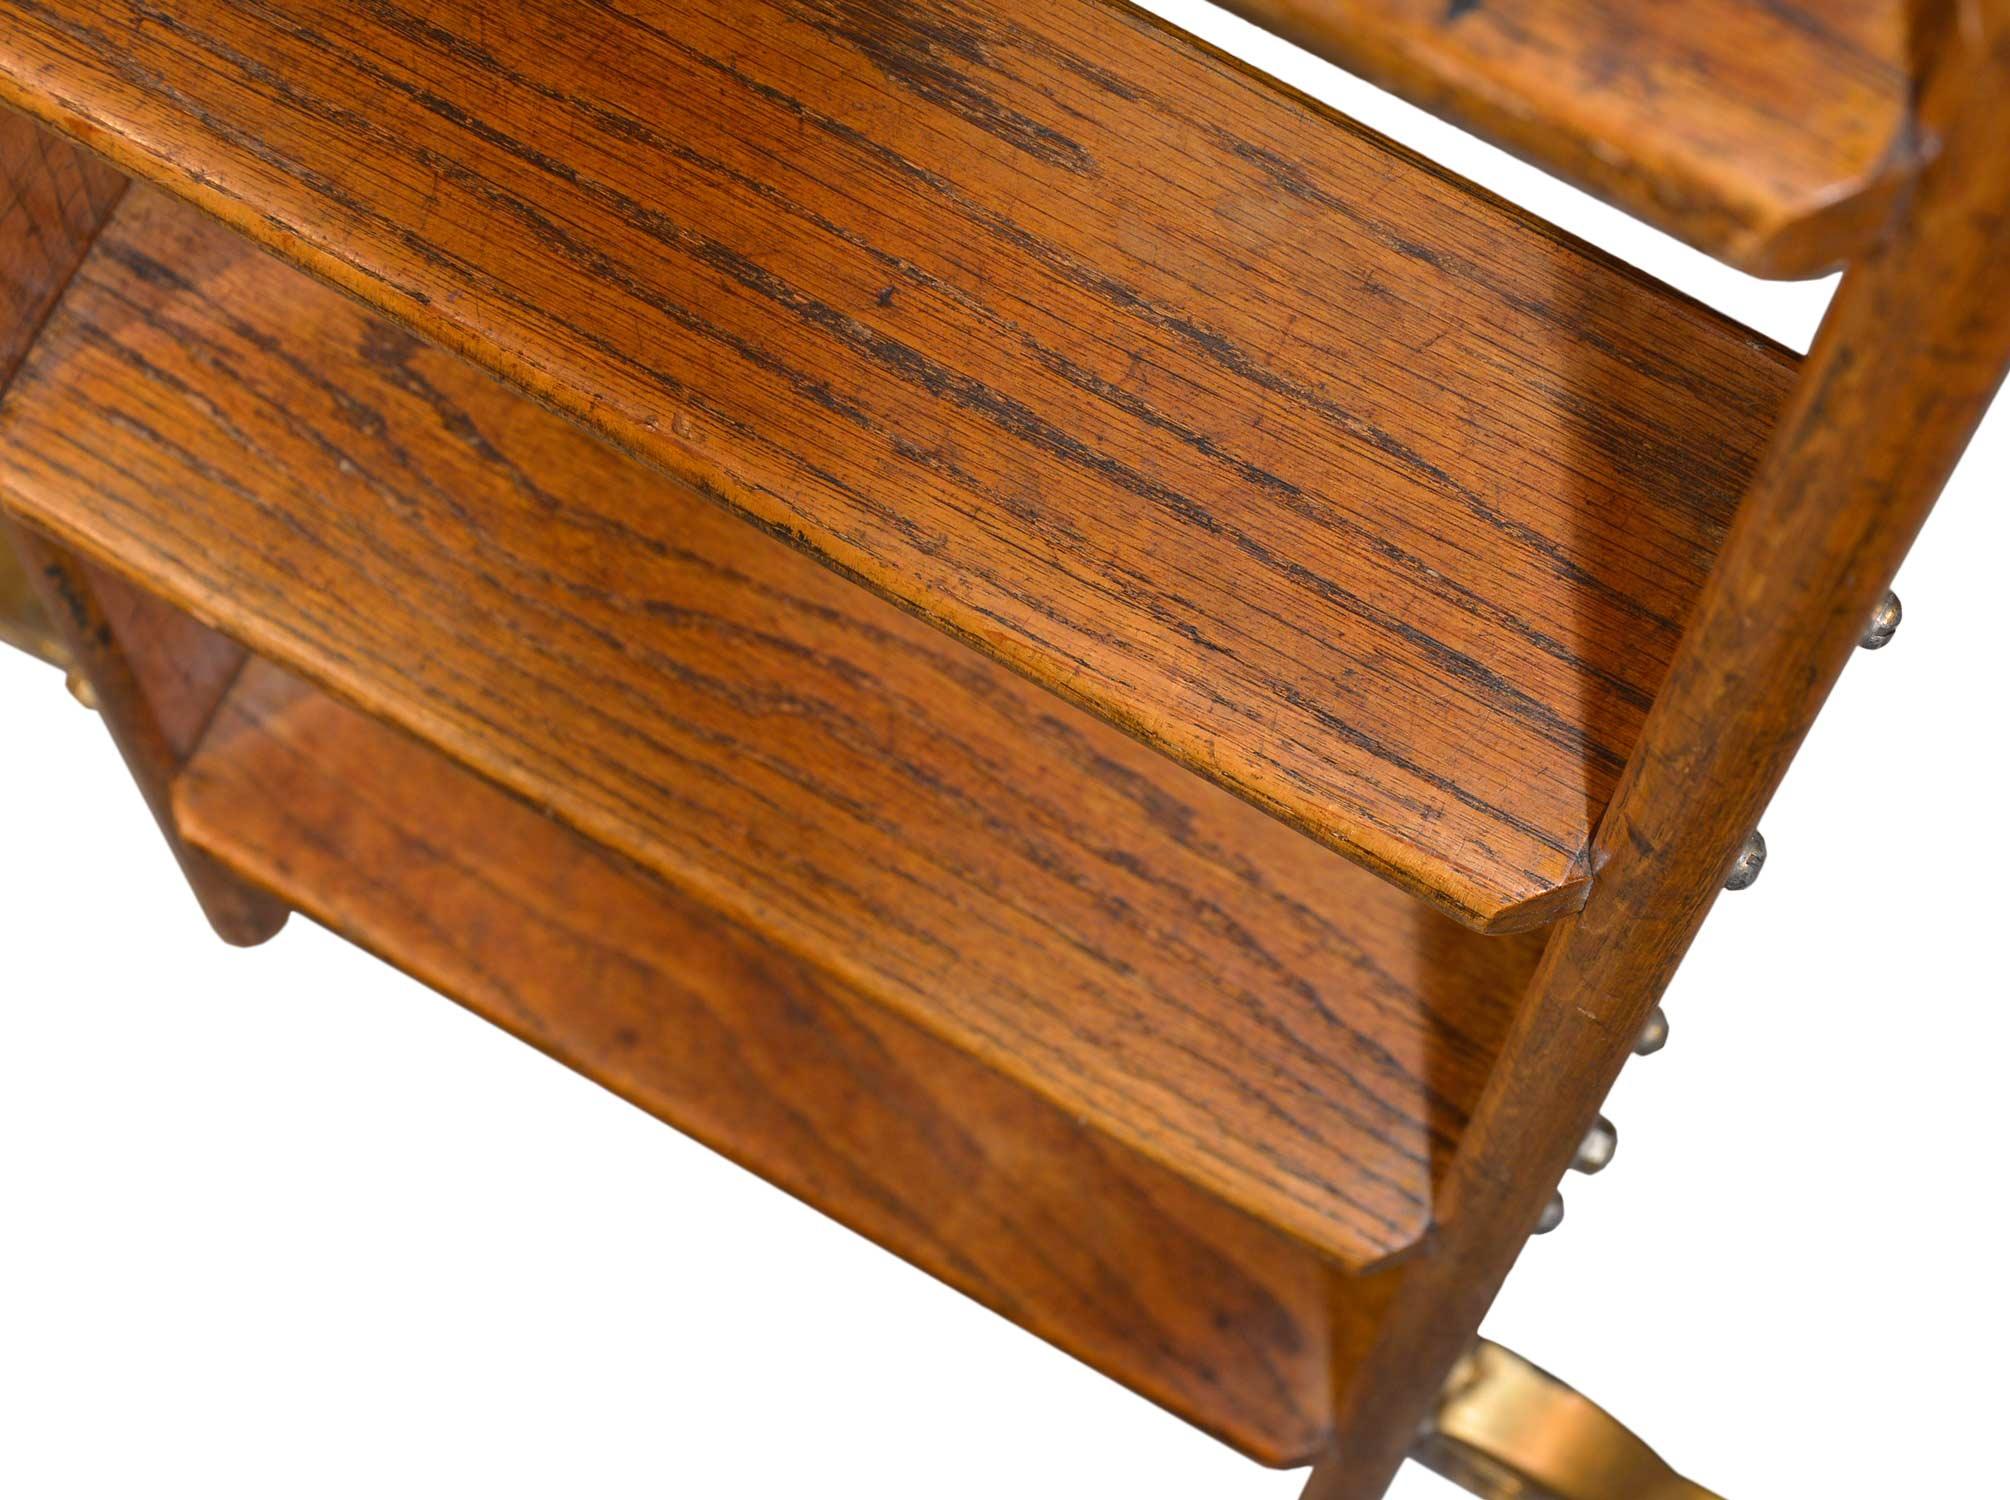 46049-putnam-rolling-ladder-steps.jpg